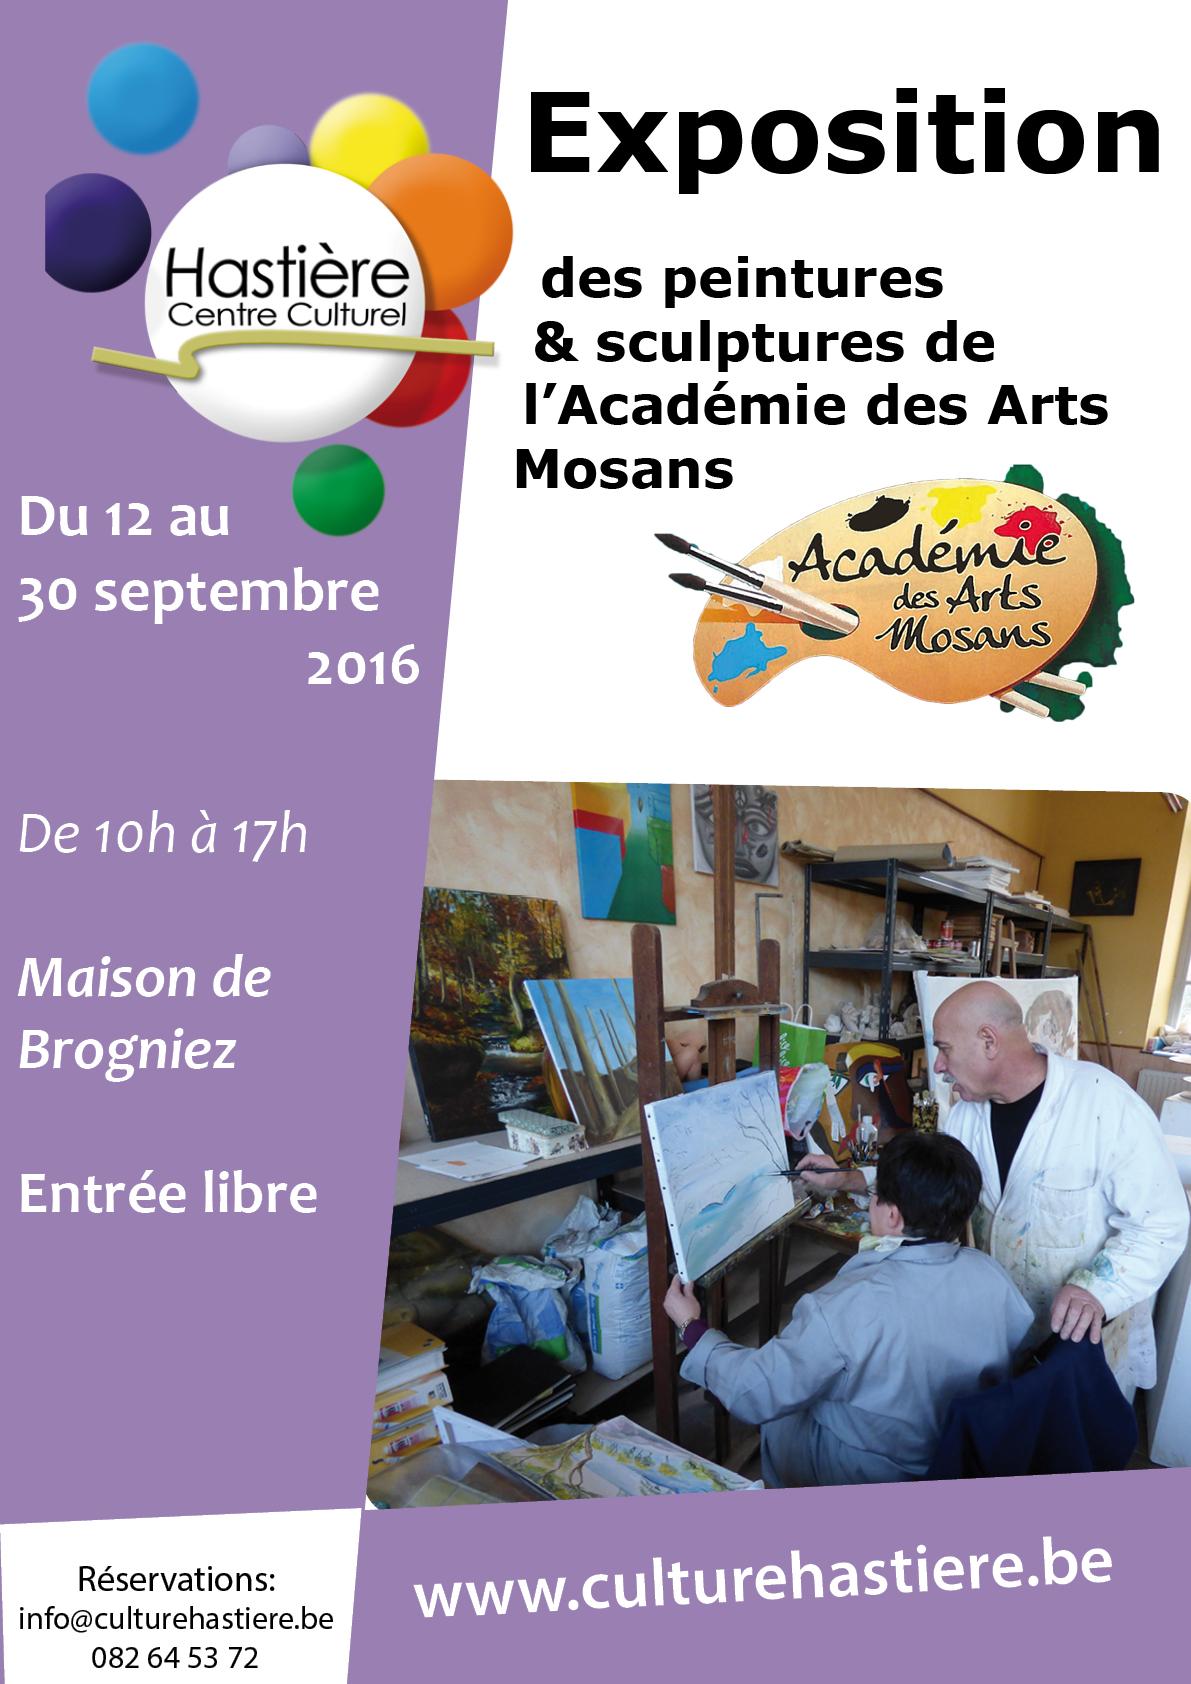 Exposition de l'Académie des Arts Mosans @ Maison S. de Brogniez